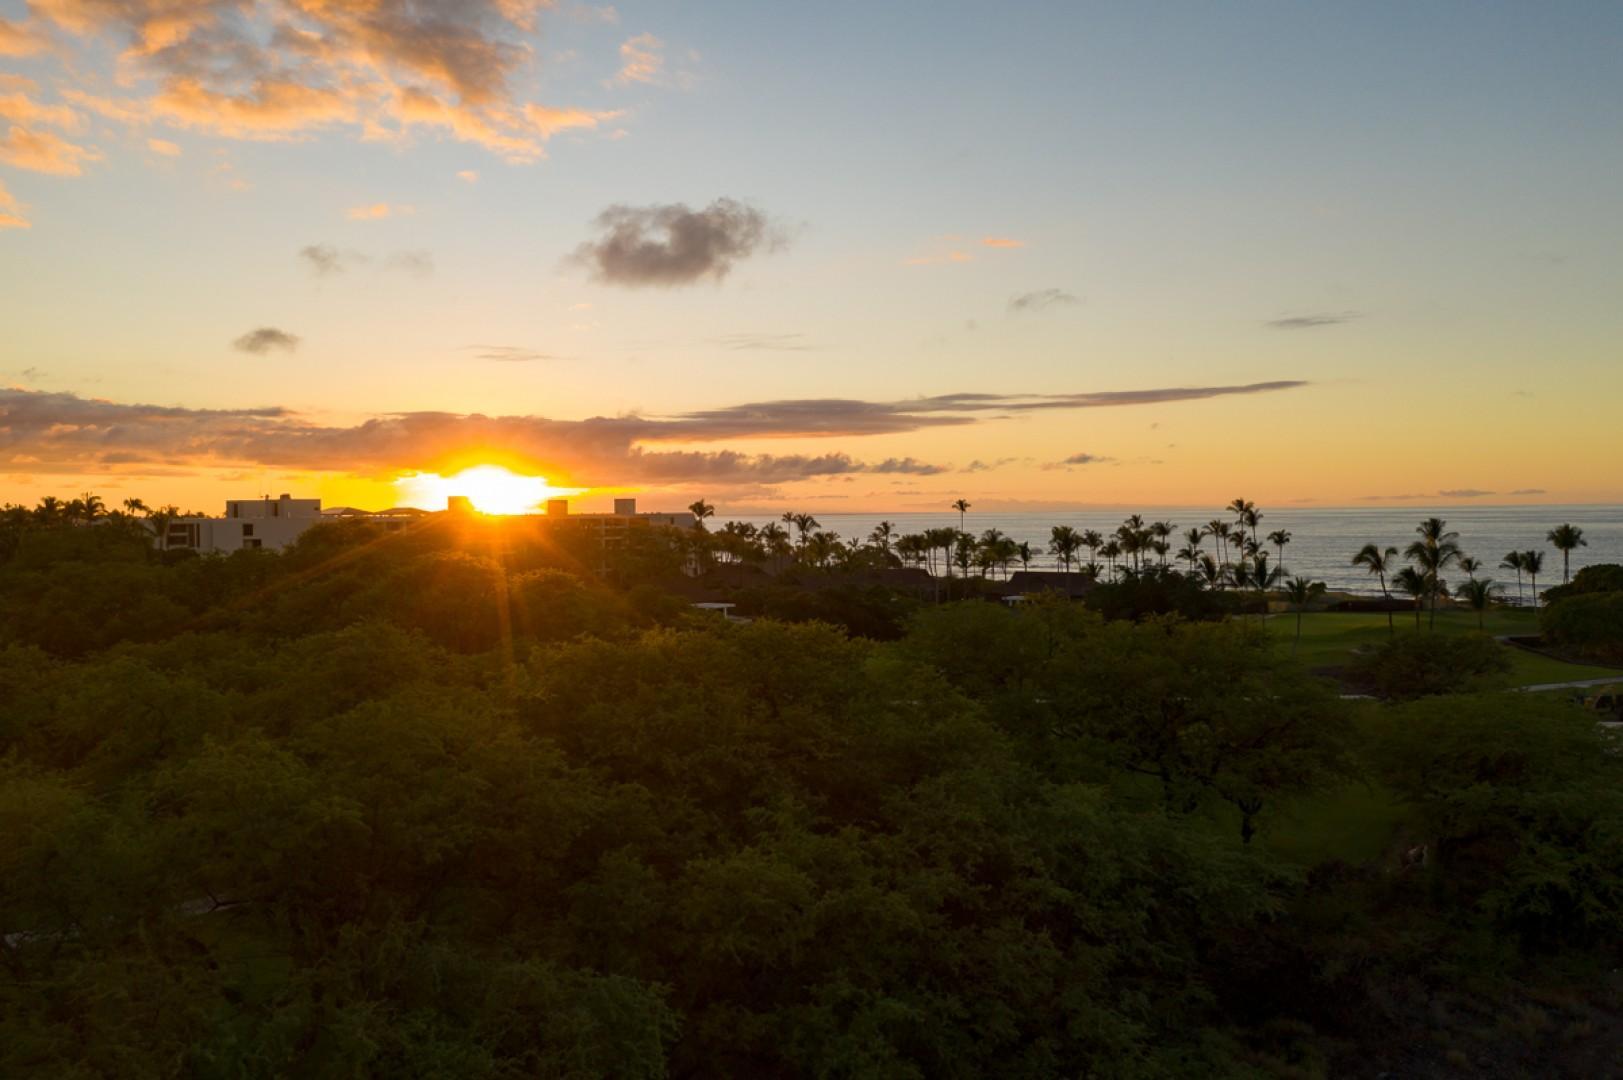 Stunning Hawaiian sunset